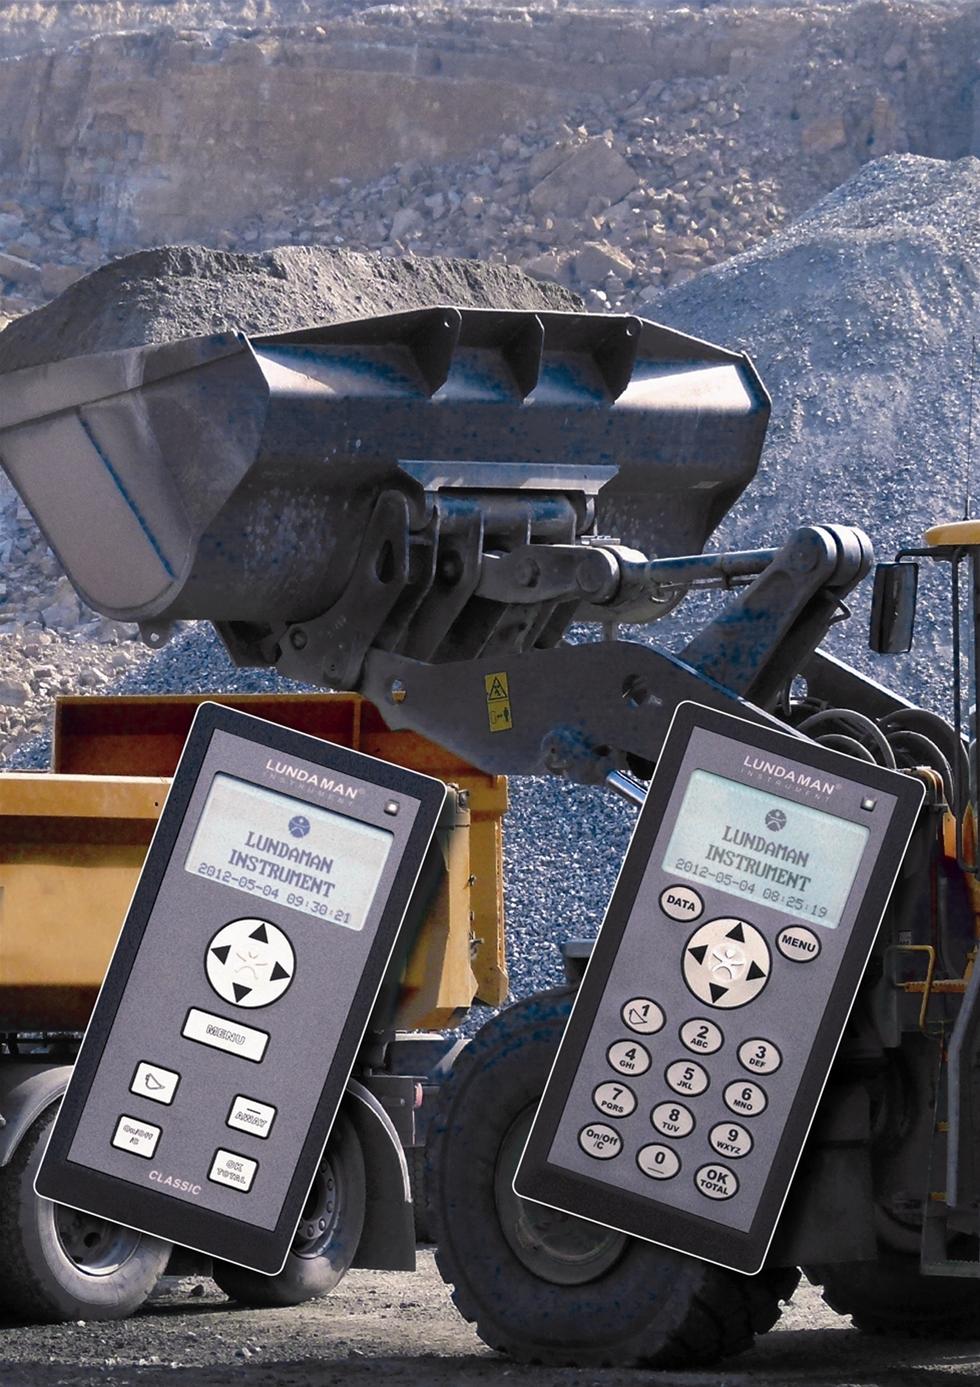 Populära hjullastarvågen Lundaman Professional har fått förbättrad tvåvägskommunikation, vilket underlättar kontakten mellan kontoret och vågen. Den uppdaterade vågen visas av Lundaman Instrument på årets MaskinExpo.